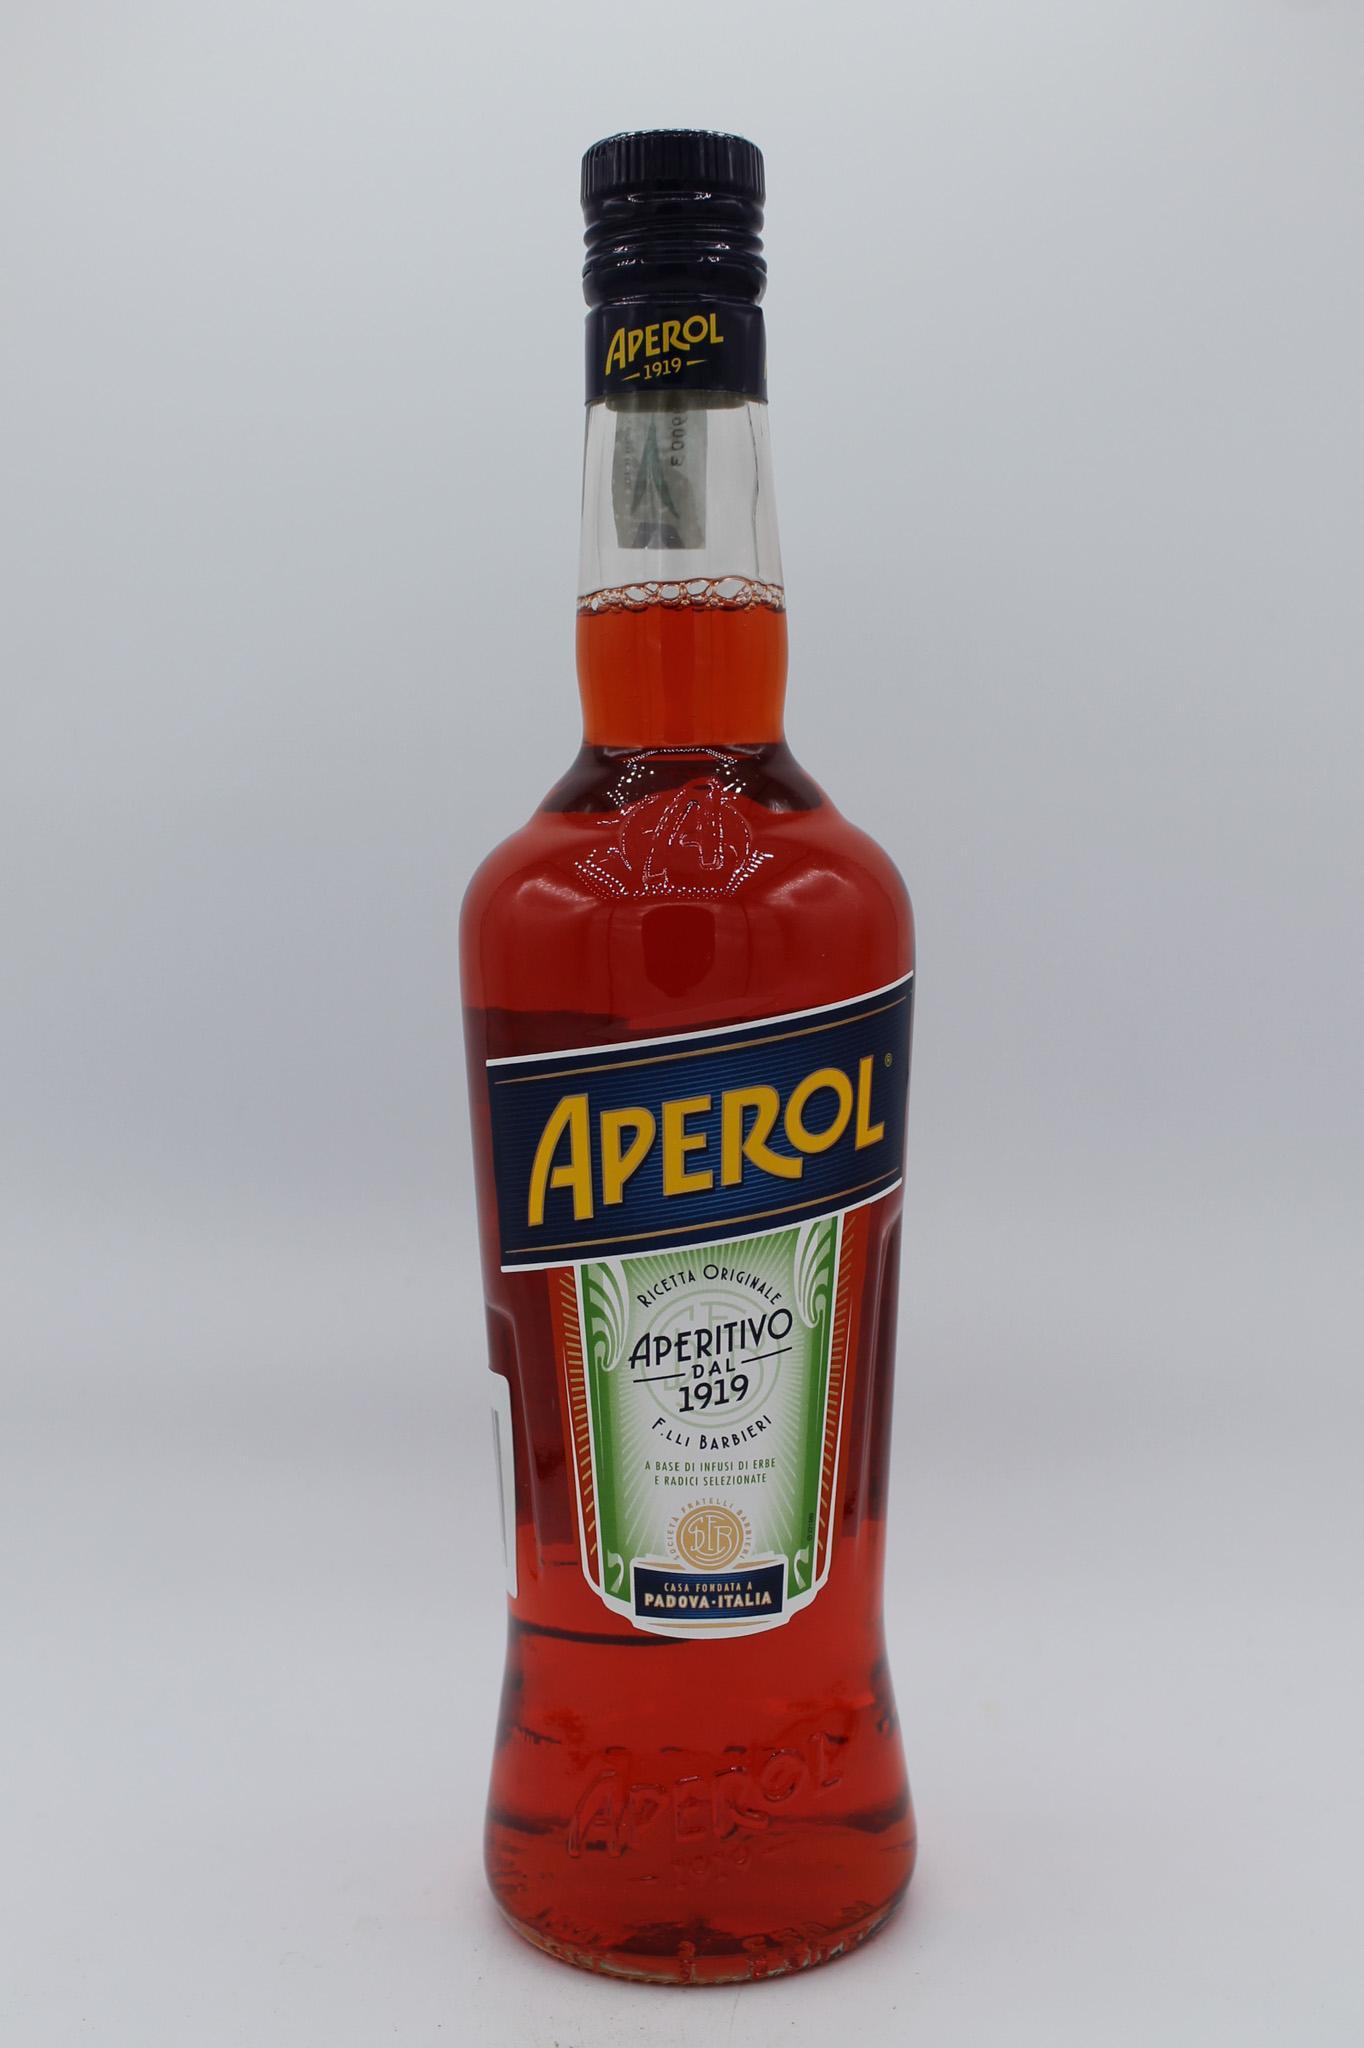 Aperol aperitivo alcolico 700ml.